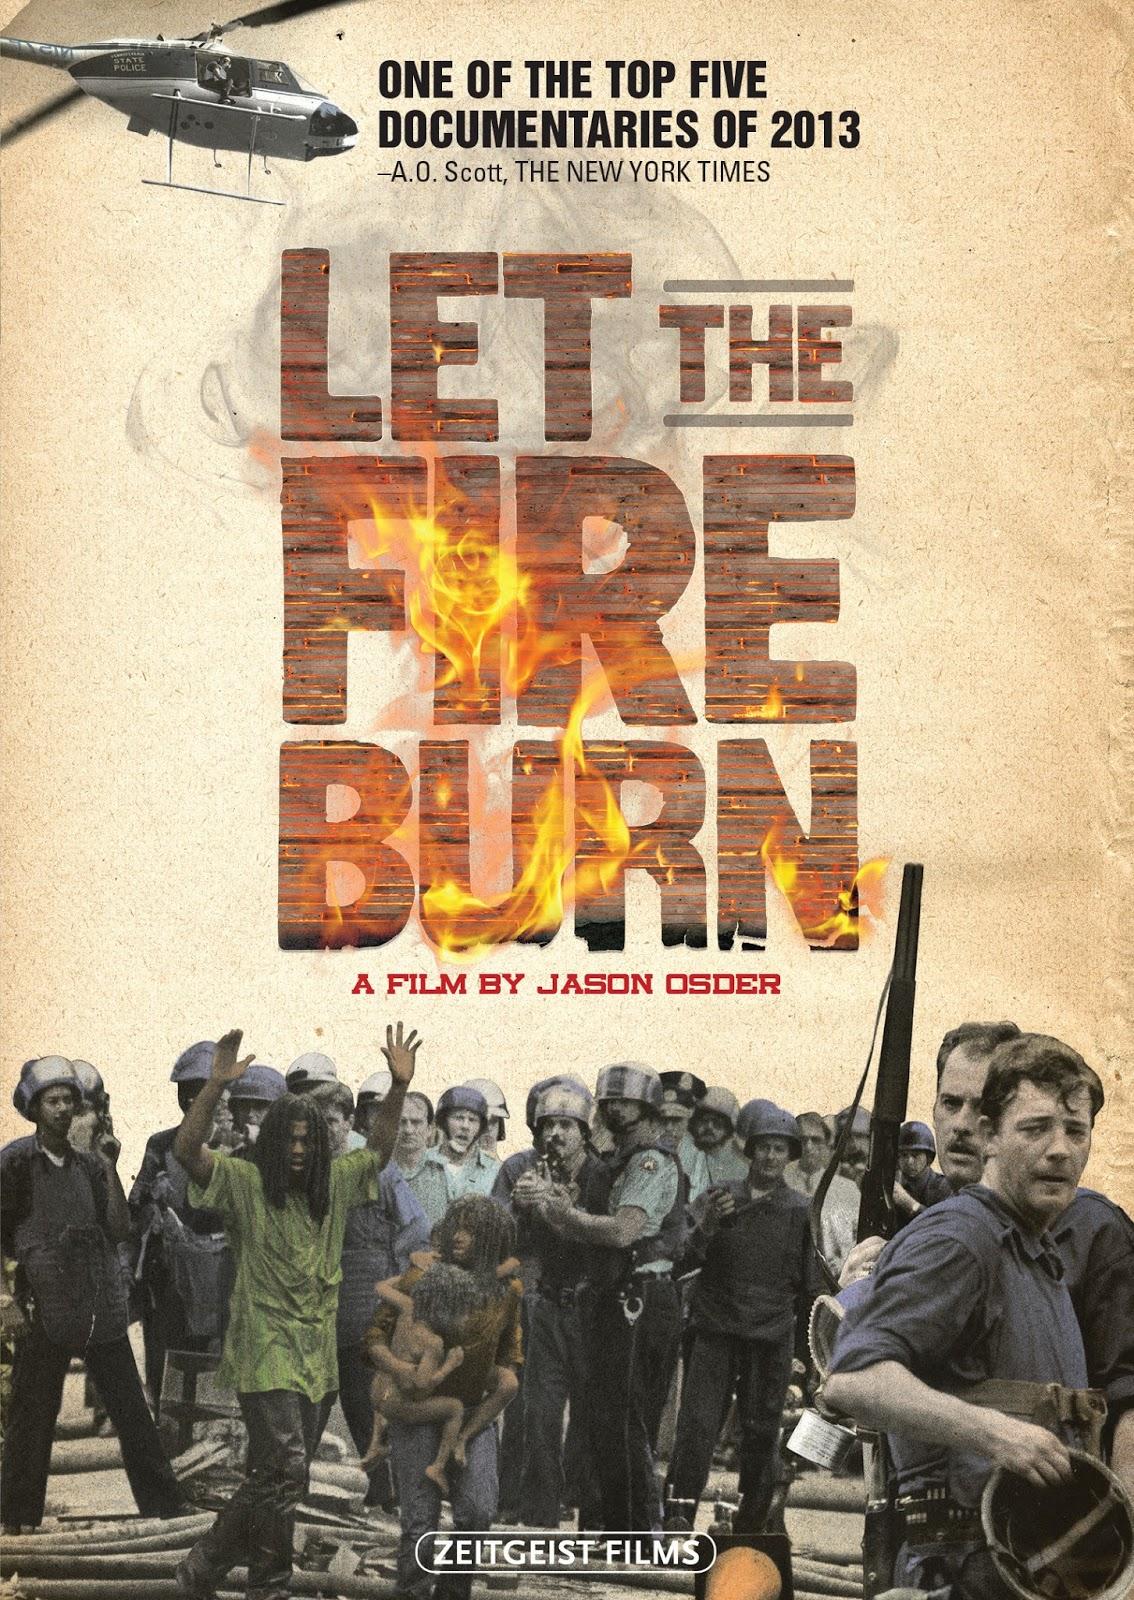 LettheFireBurn_DVD_print.jpg